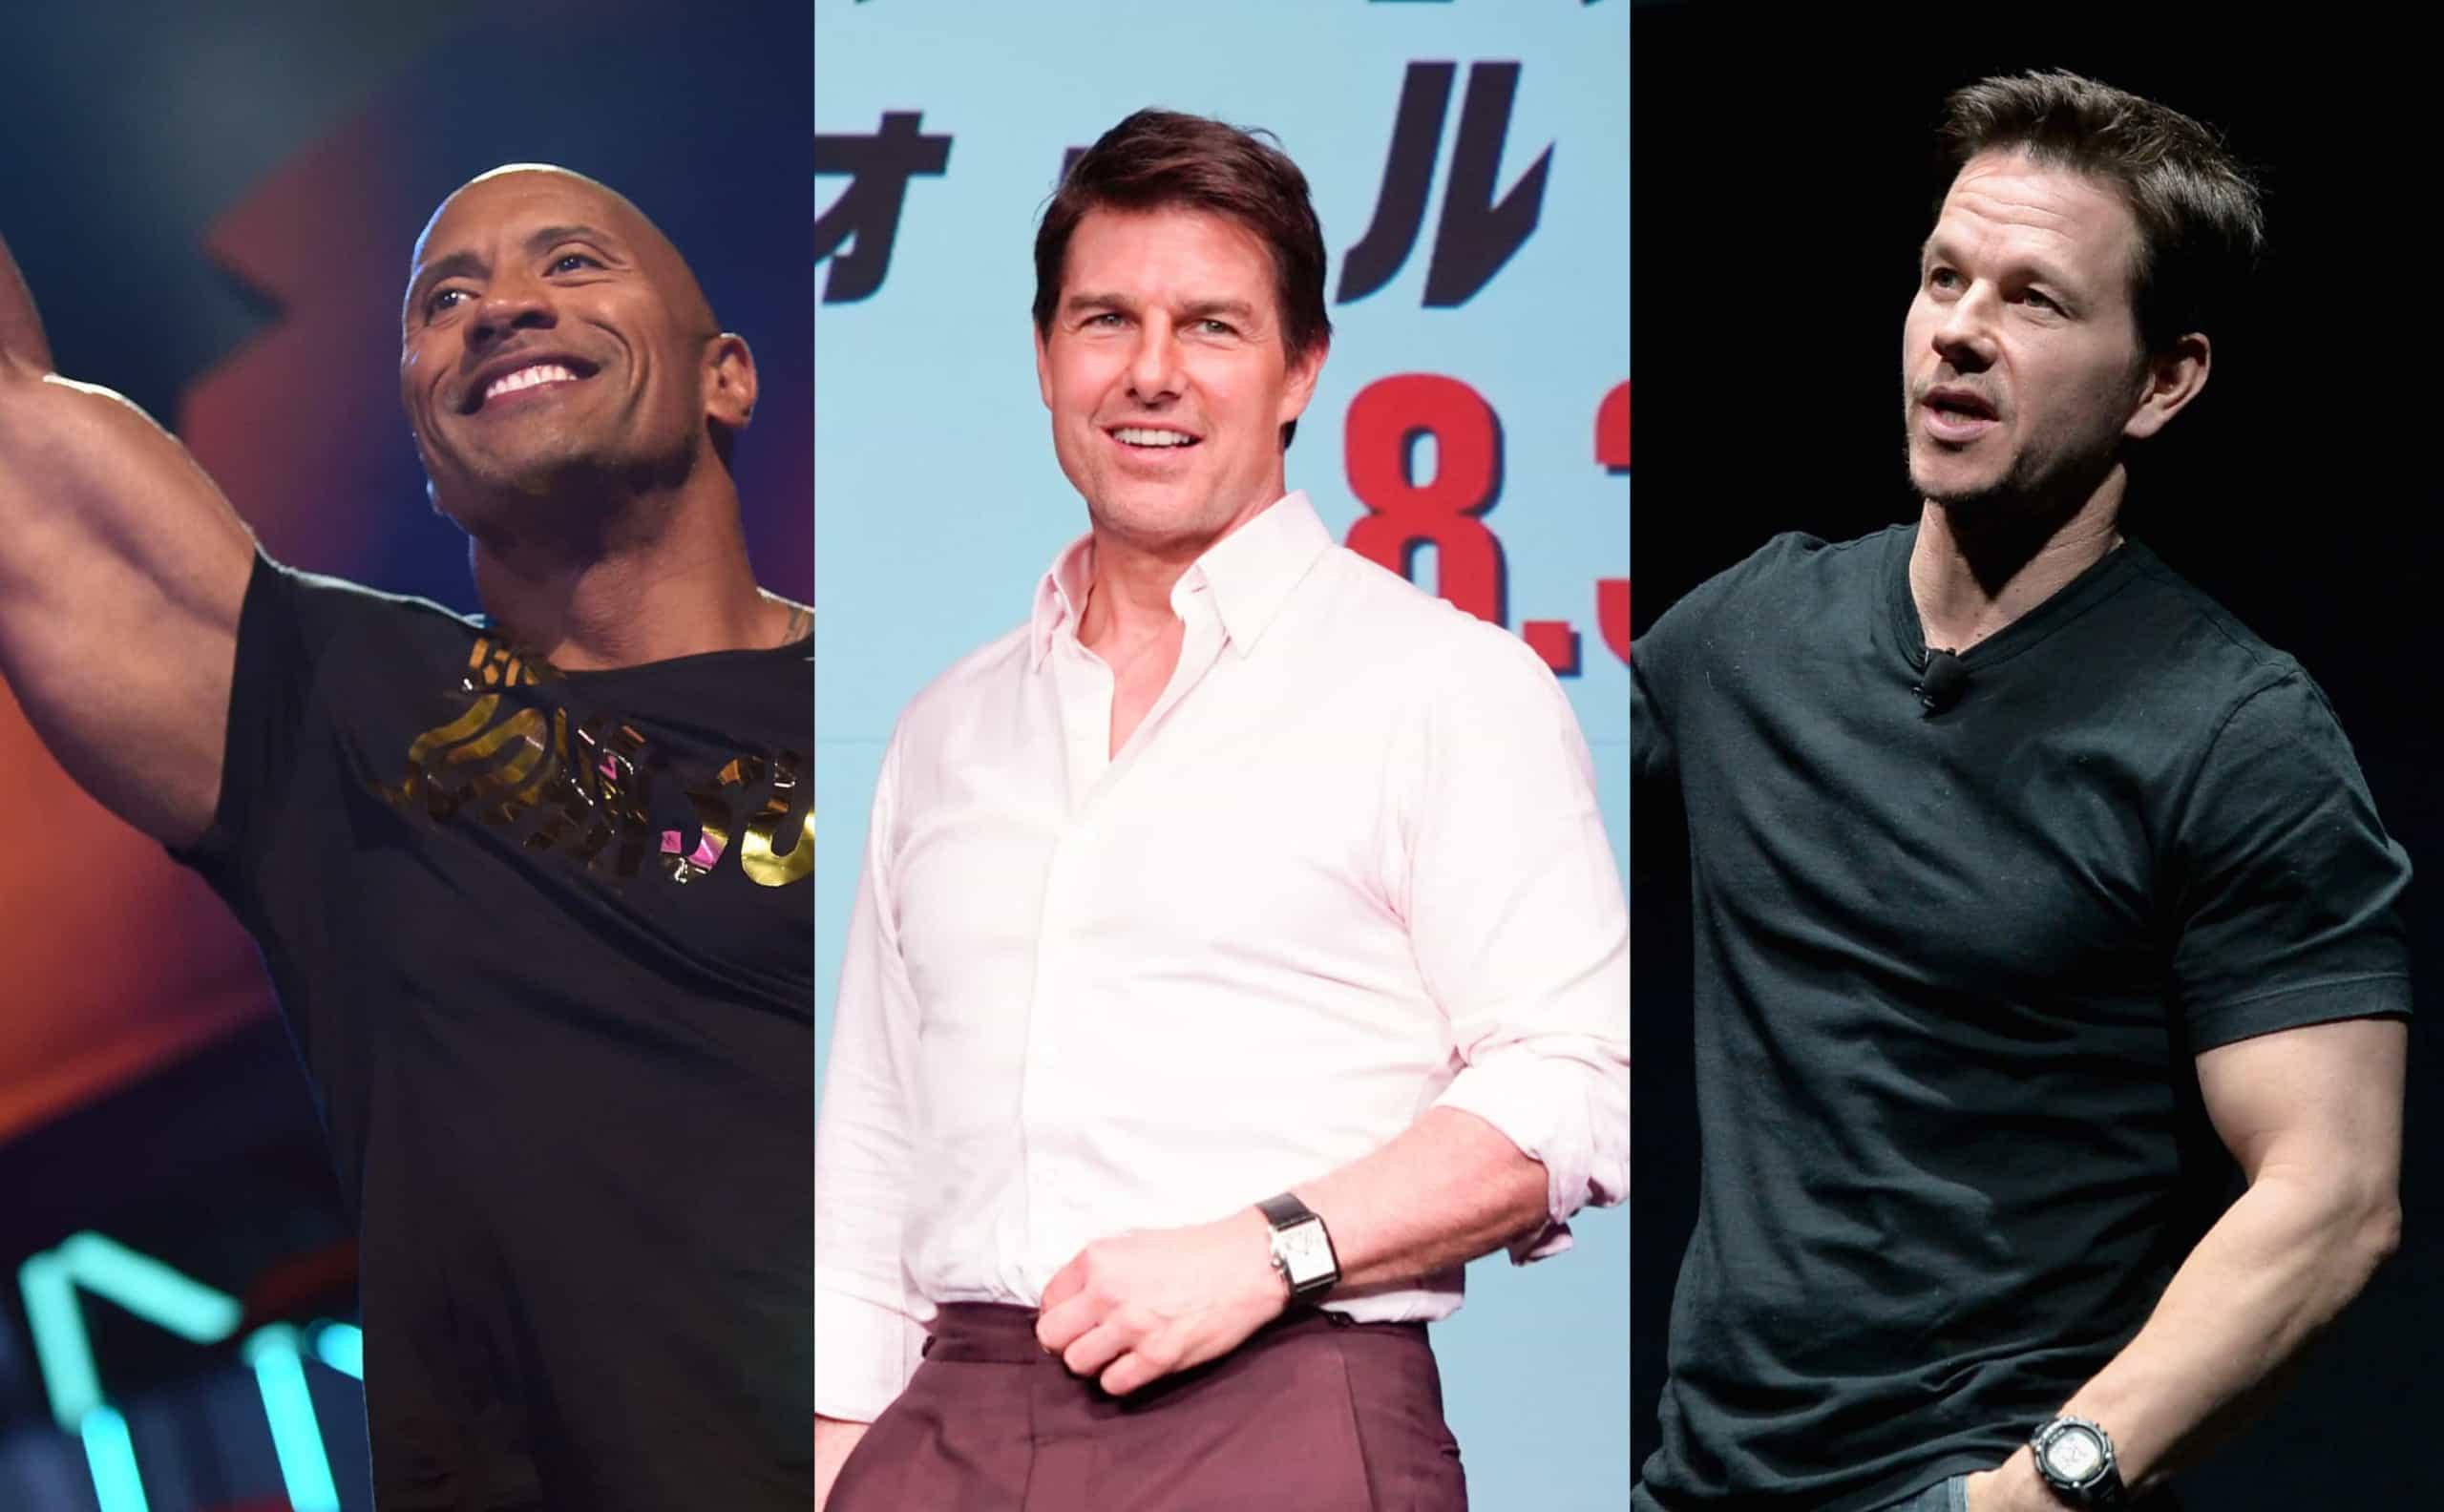 Os famosos com mais de 40 anos que mantêm a boa forma